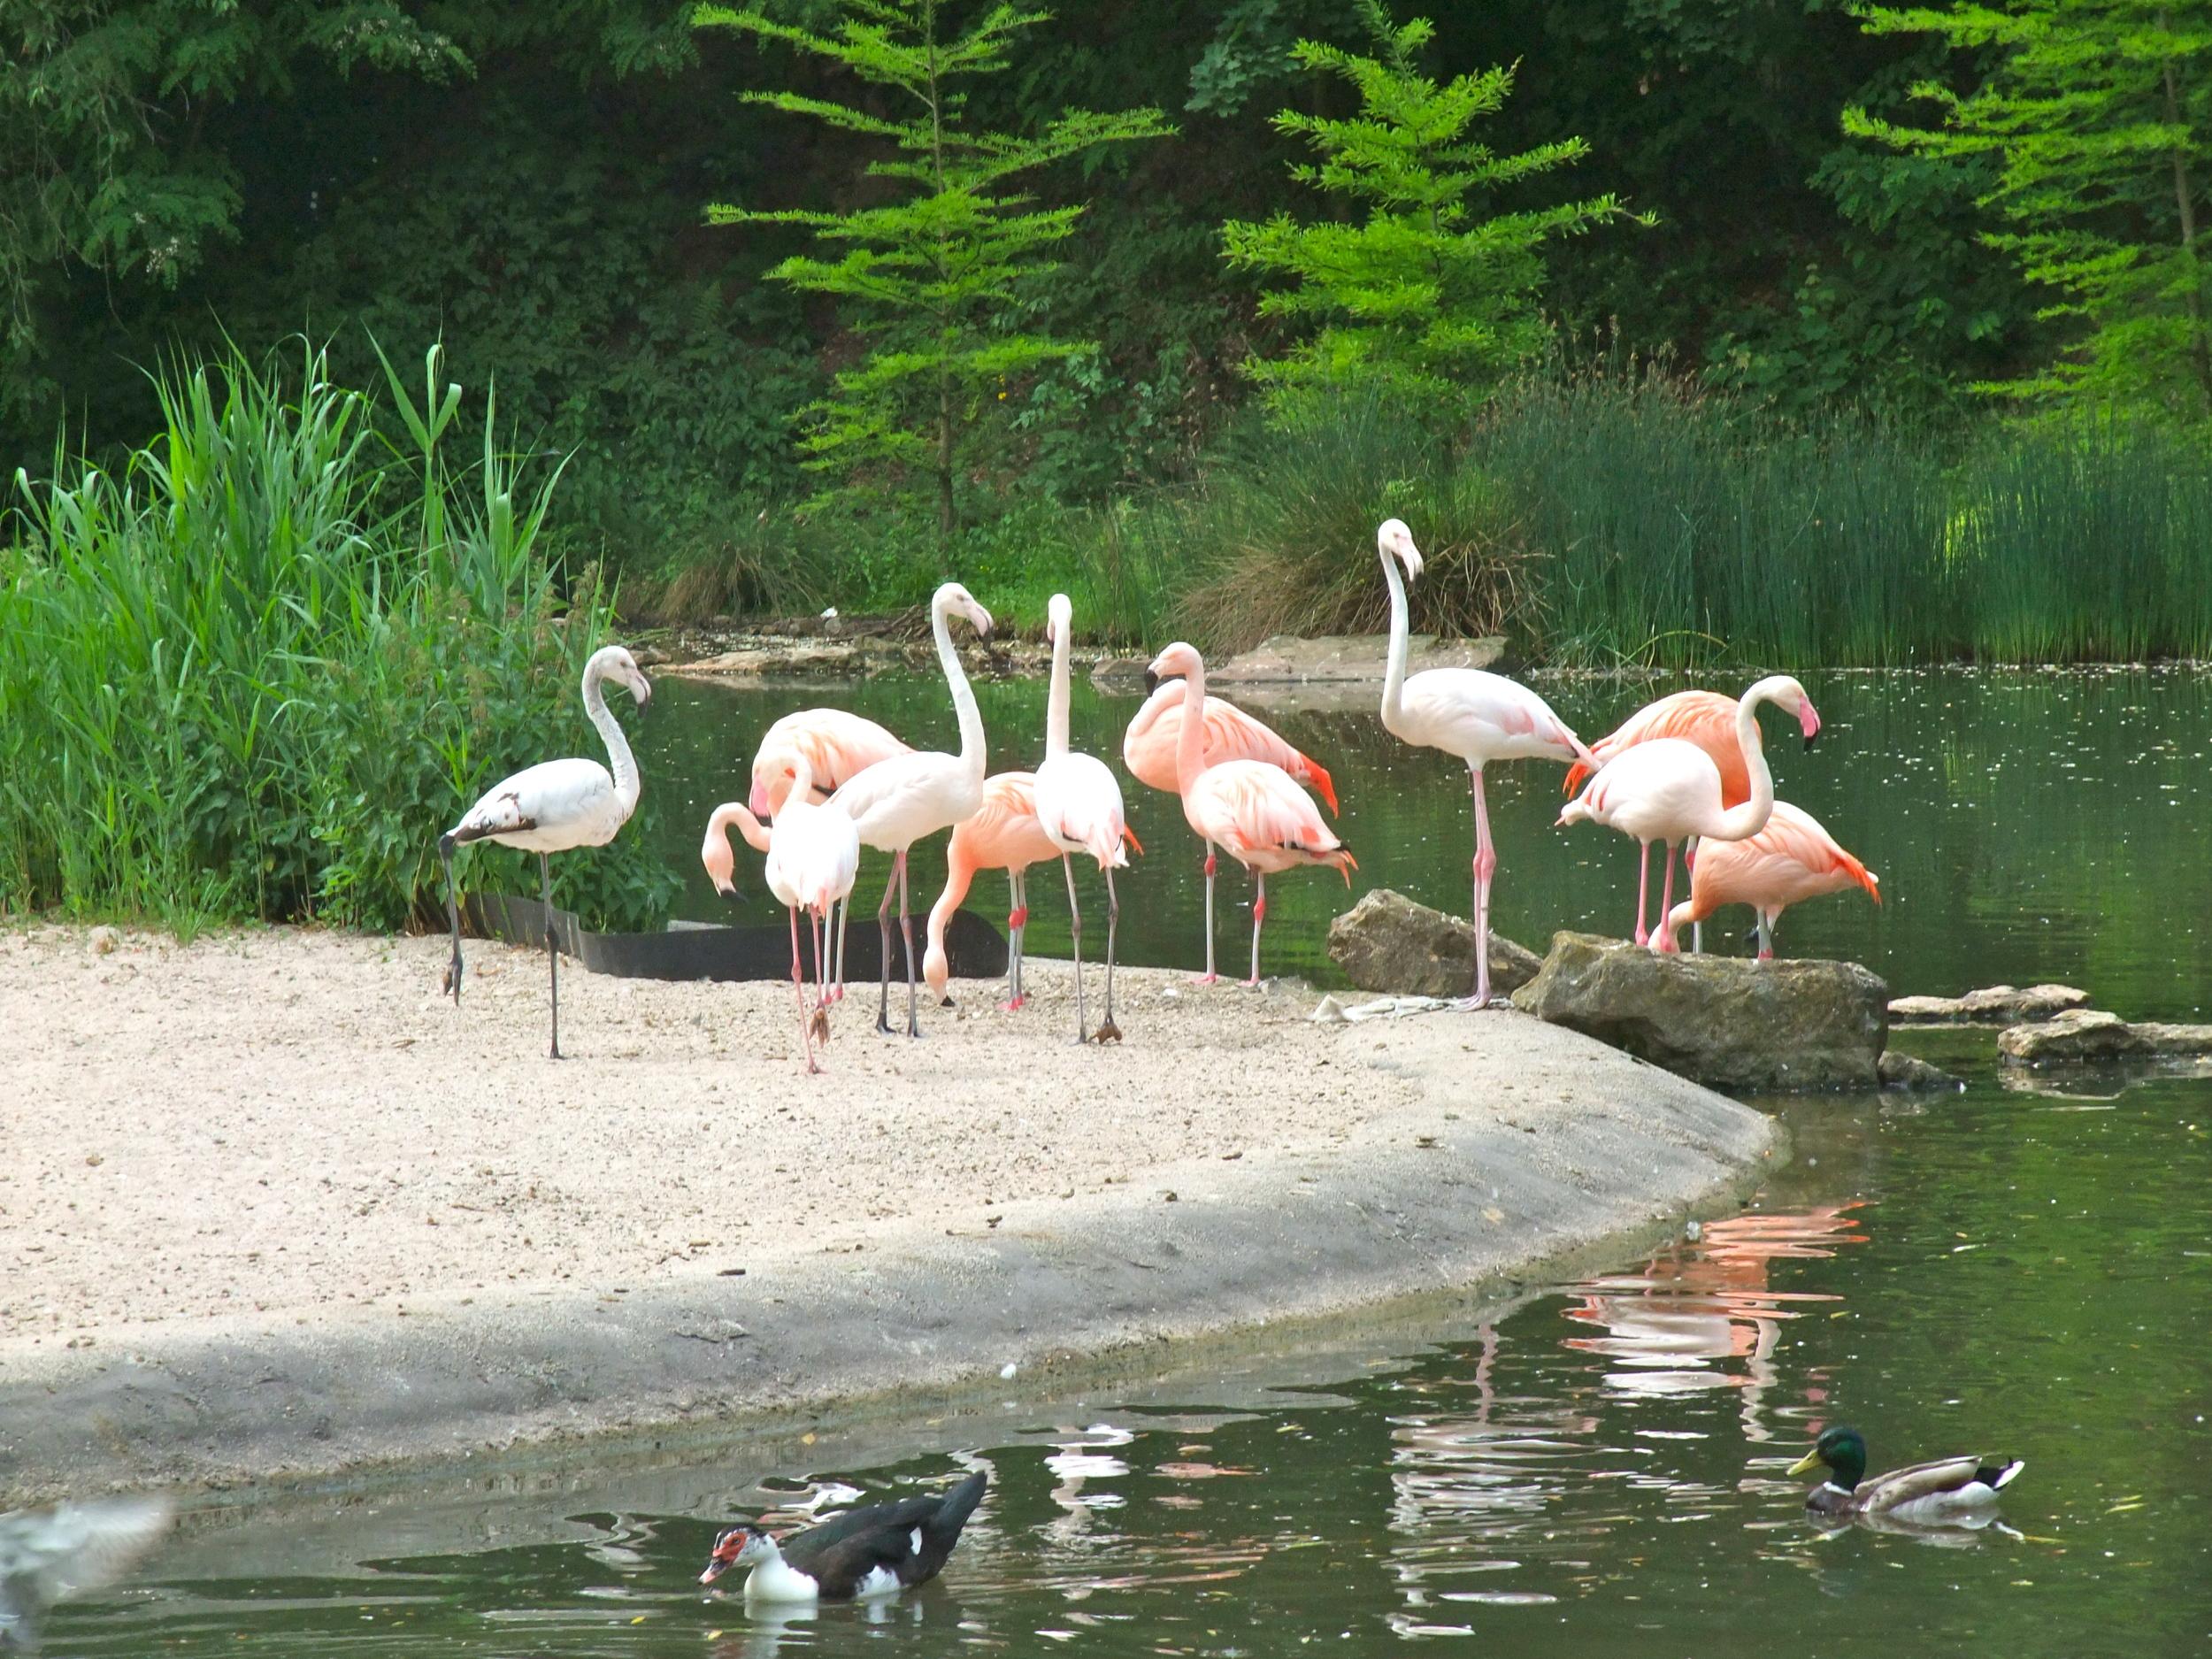 Flamingos in  Killesbergpark